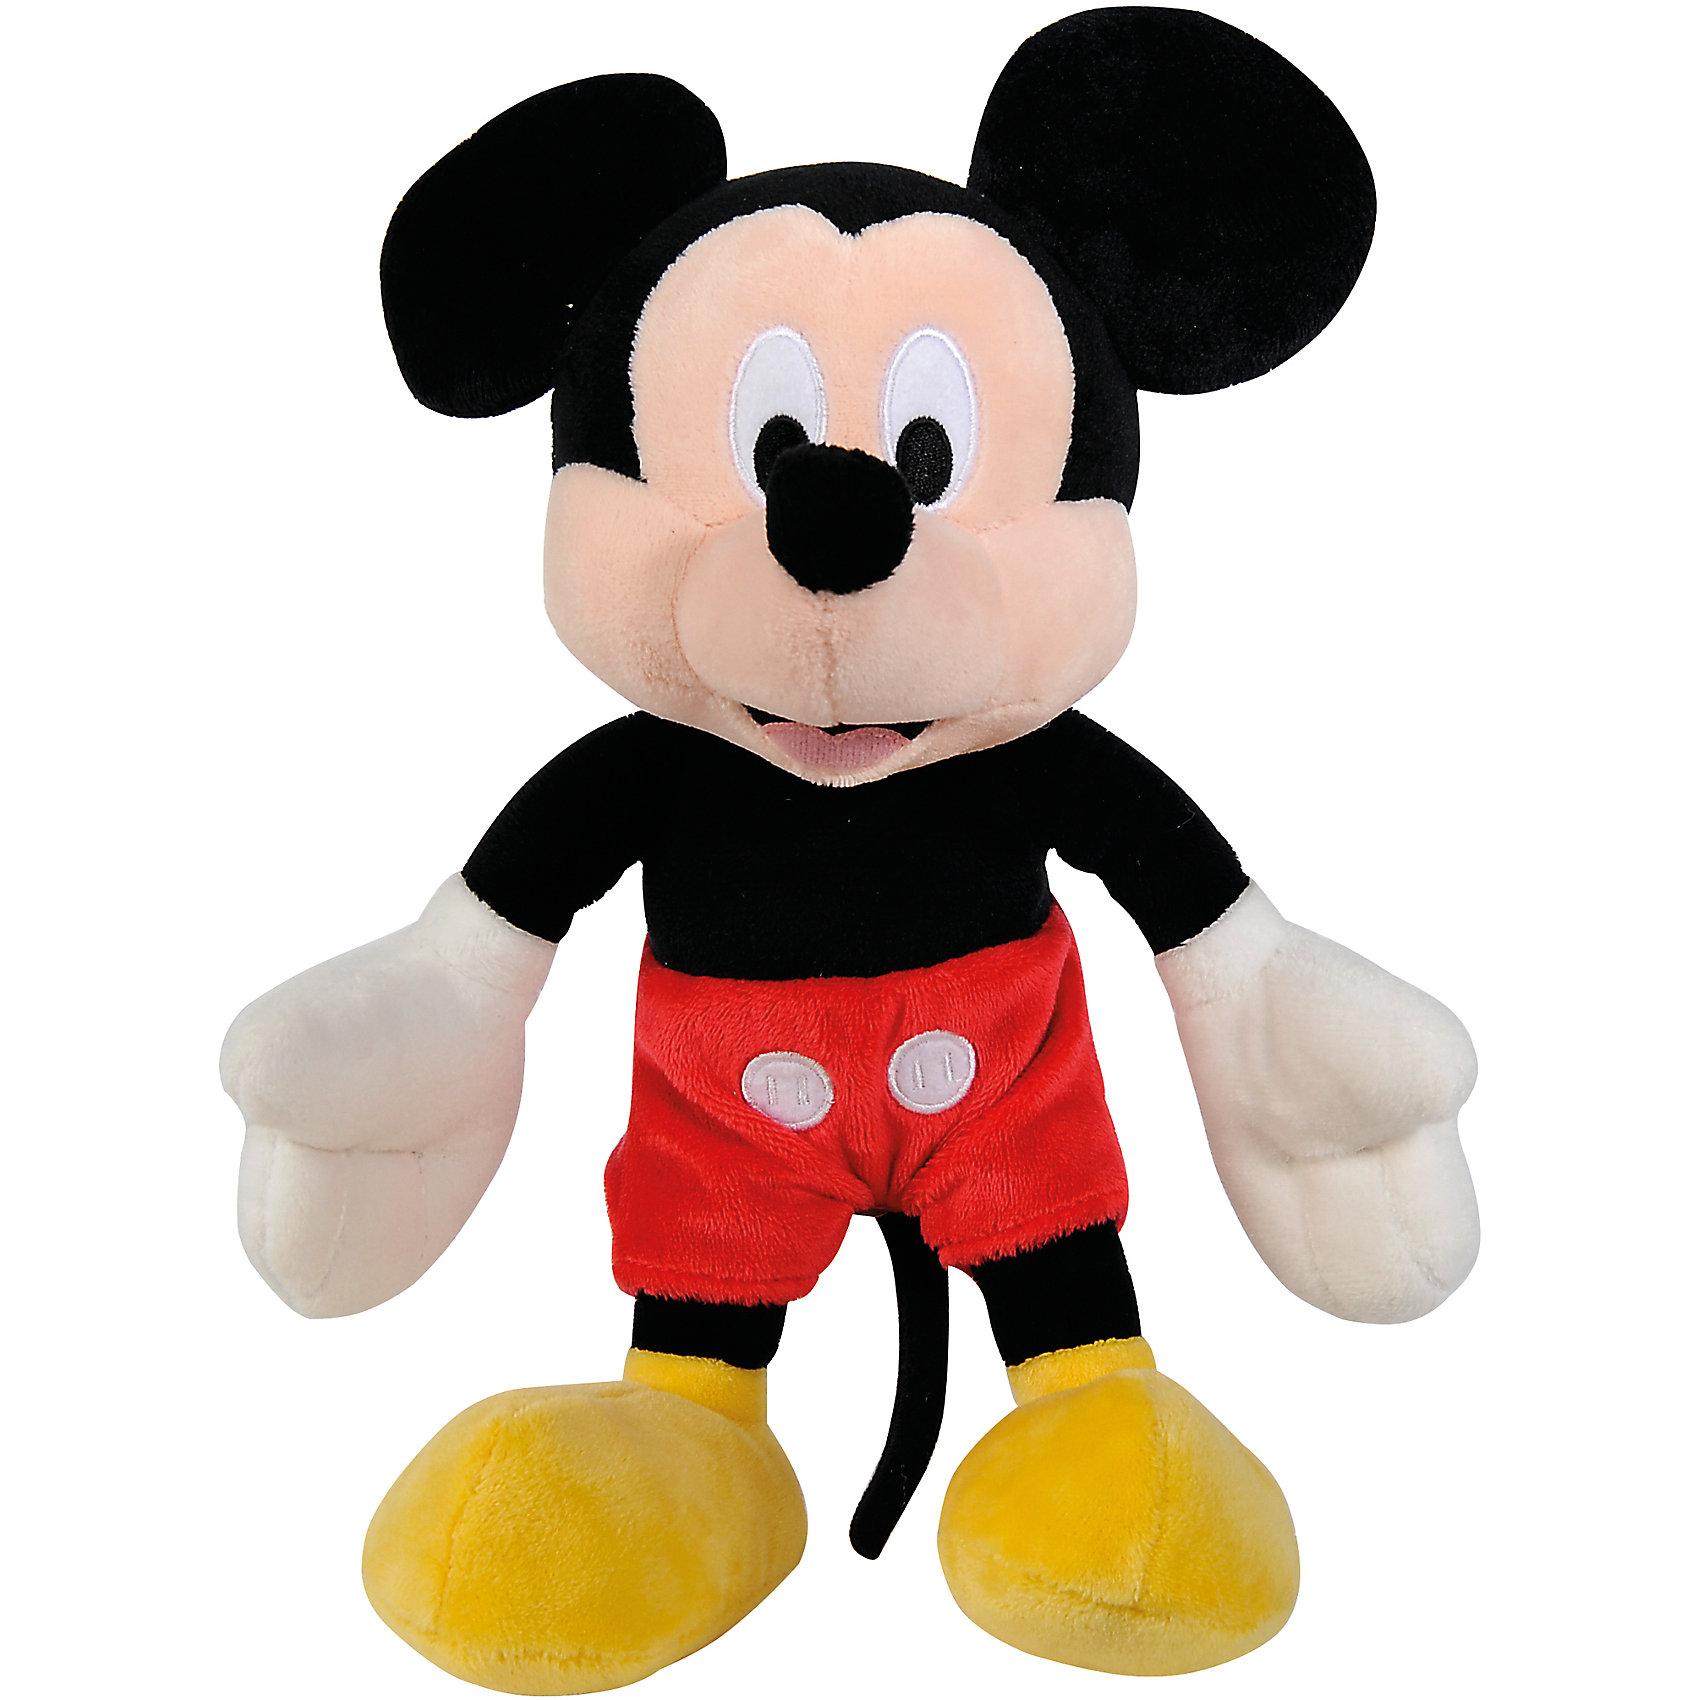 Мягкая игрушка Микки Маус, 20 см, NicotoyЛюбимые герои<br>Характеристики товара:<br><br>• возраст от 3 лет;<br>• материал: плюш;<br>• размер игрушки 20 см;<br>• размер упаковки 20х10х5 см;<br>• вес упаковки 70 гр.;<br>• страна производитель: Китай.<br><br>Мягкая игрушка «Микки Маус» 20 см Nicotoy — известный персонаж мультфильма любопытный и любознательный мышонок Микки, который любит приключения и всегда готов прийти к друзьям на помощь. Микки одет в красные шортики и большие ботиночки. Игрушку можно взять с собой на прогулку, в гости или детский садик и придумывать разнообразные сюжеты для игры. Игрушка изготовлена из качественного безвредного материала.<br><br>Мягкую игрушку «Микки Маус» 20 см Nicotoy можно приобрести в нашем интернет-магазине.<br><br>Ширина мм: 200<br>Глубина мм: 100<br>Высота мм: 50<br>Вес г: 70<br>Возраст от месяцев: 36<br>Возраст до месяцев: 96<br>Пол: Женский<br>Возраст: Детский<br>SKU: 5613491